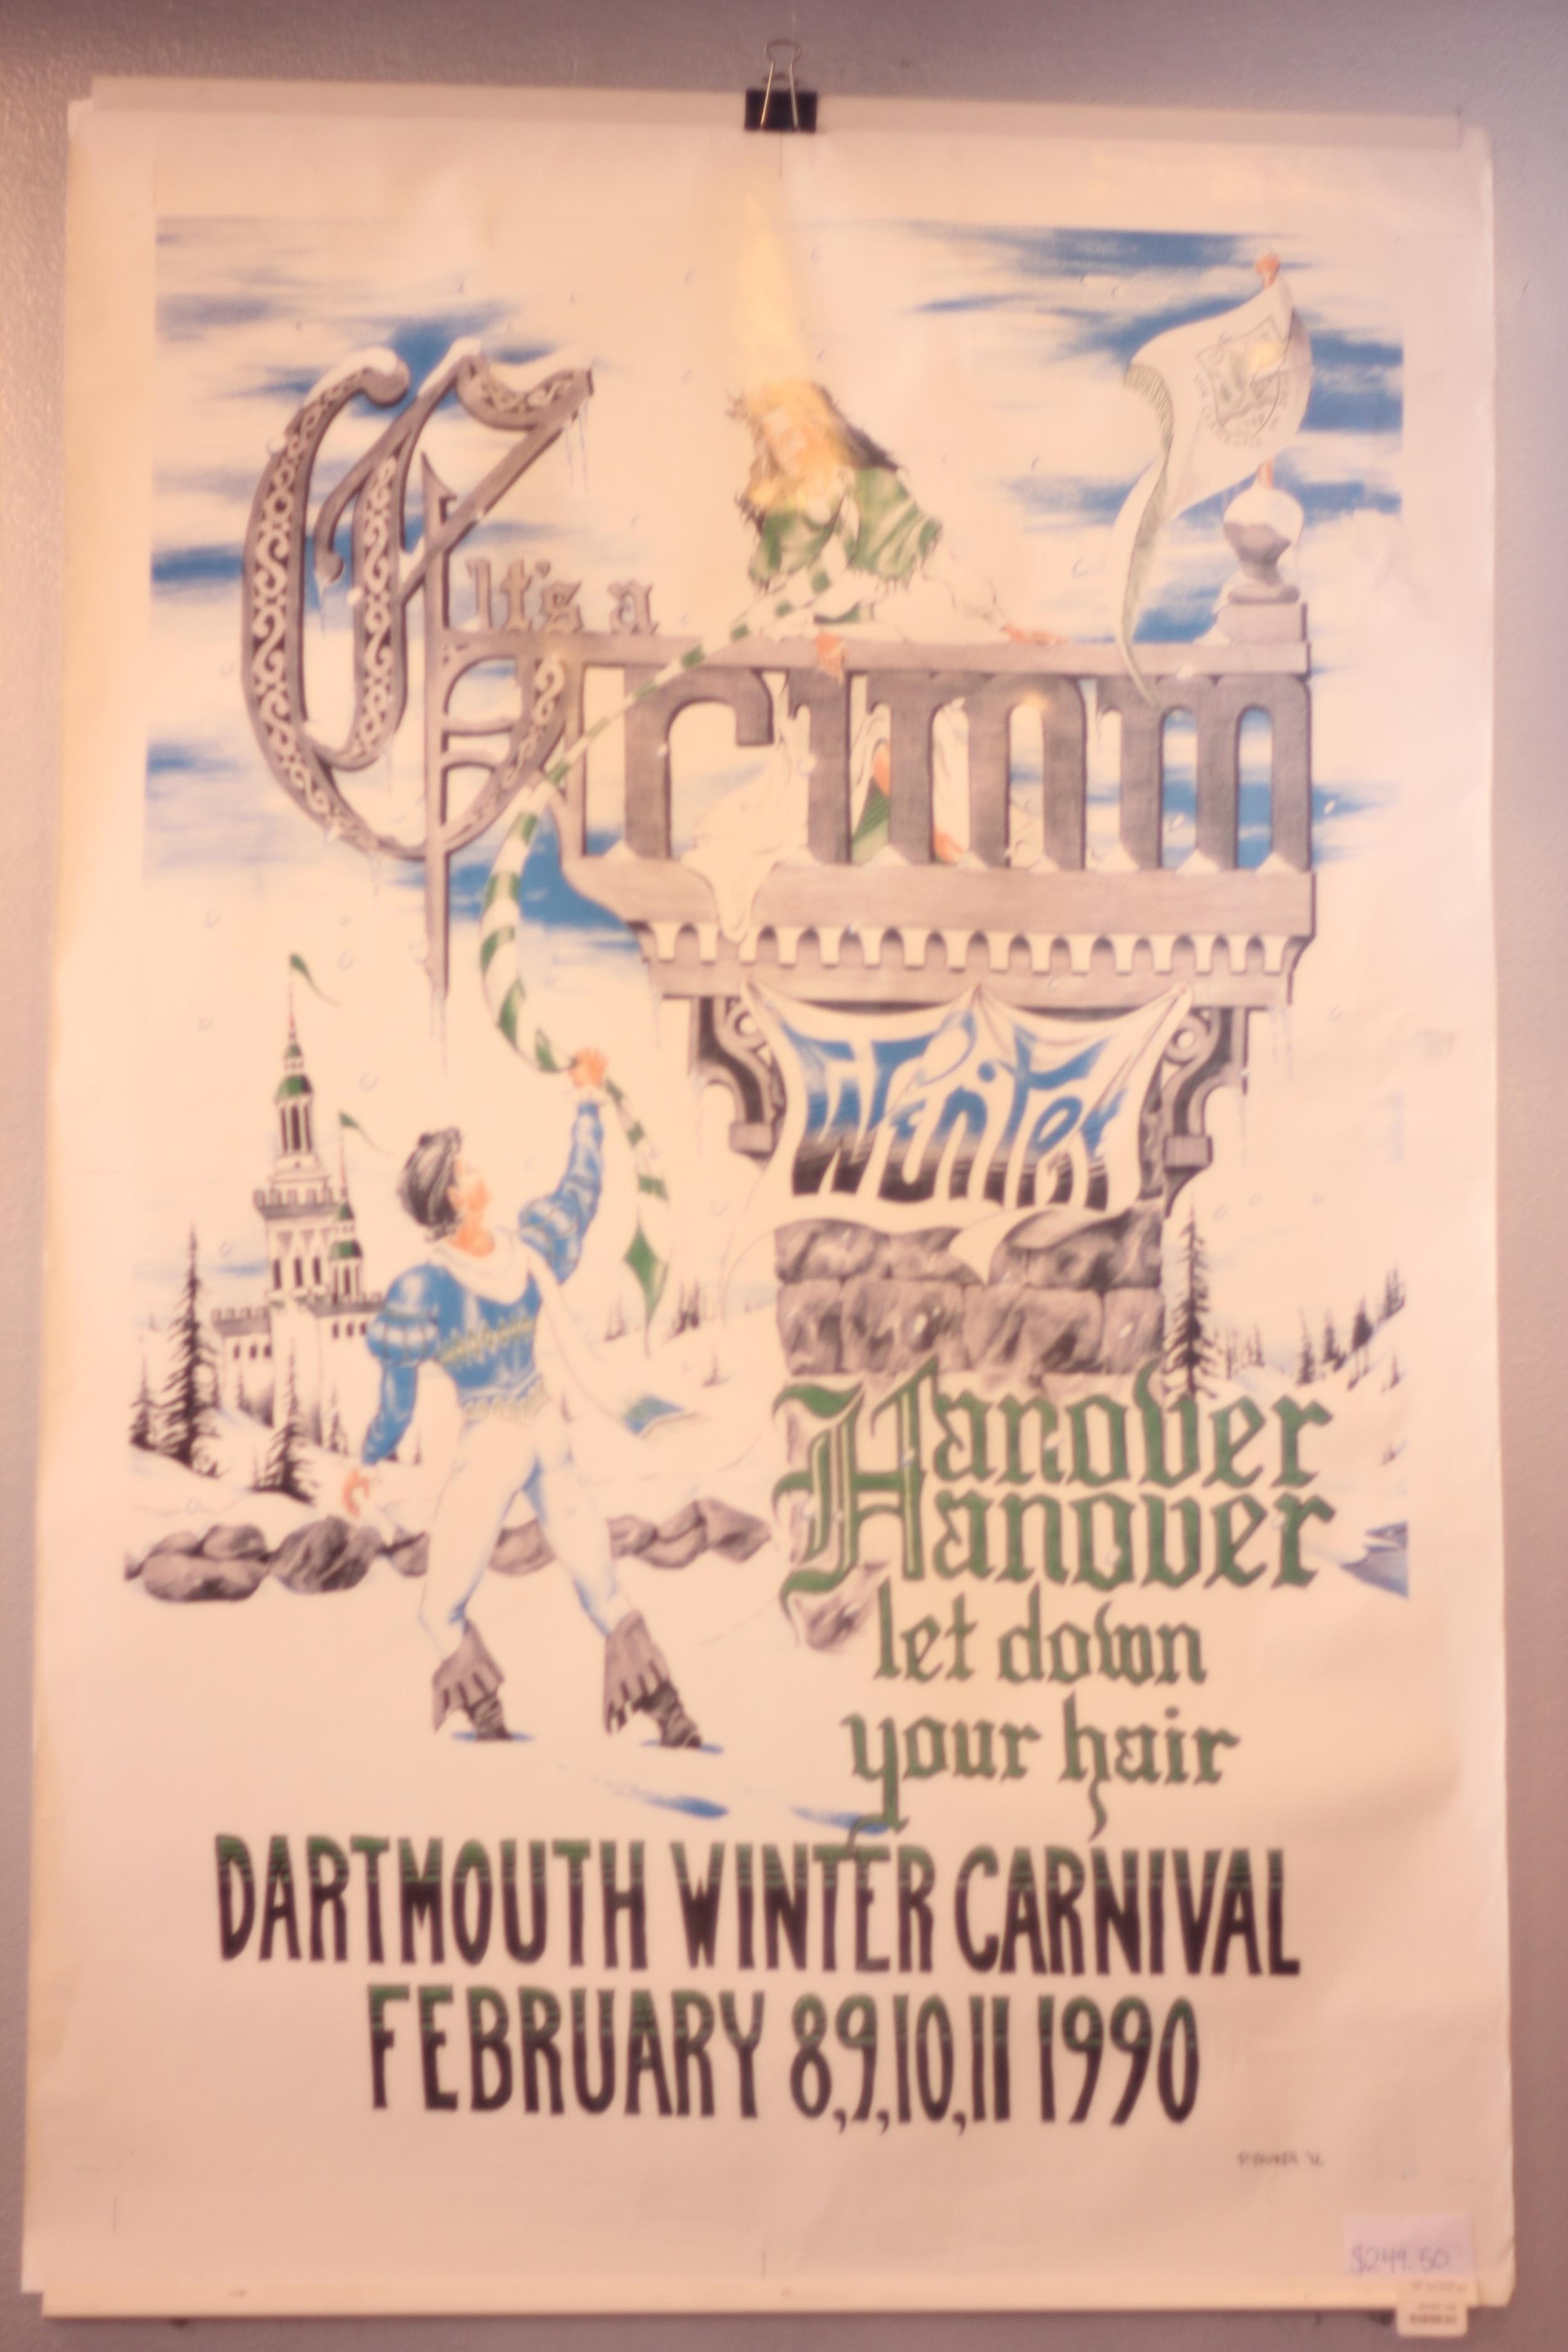 Dartmouth Winter Carnival 1990